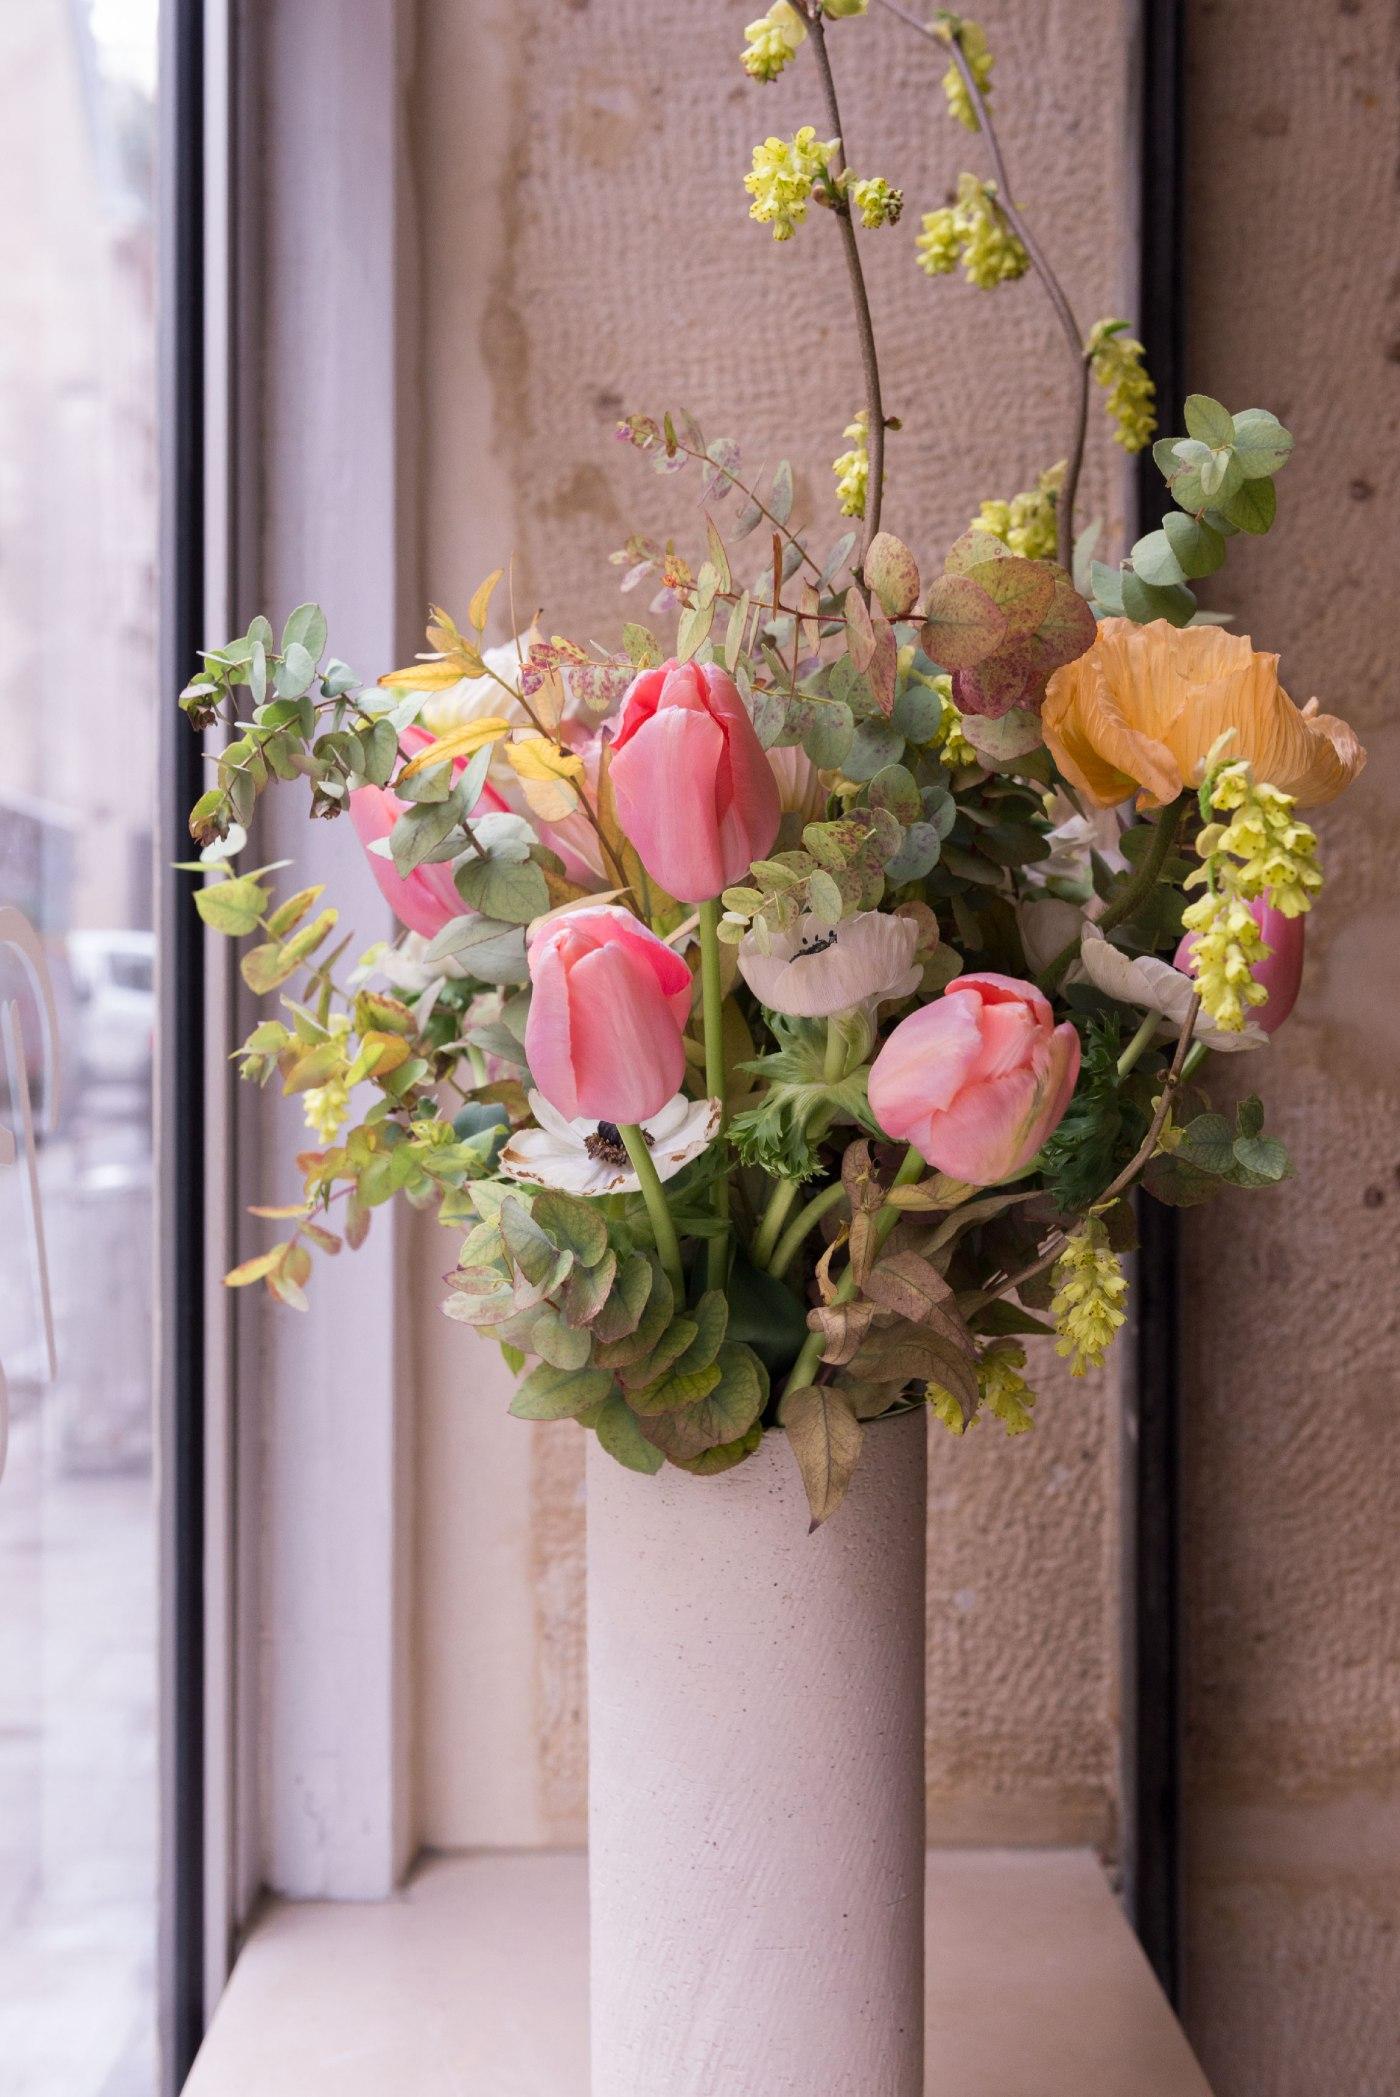 Le Café Berry est très bien décoré avec un sublime bouquet de fleurs champêtre.